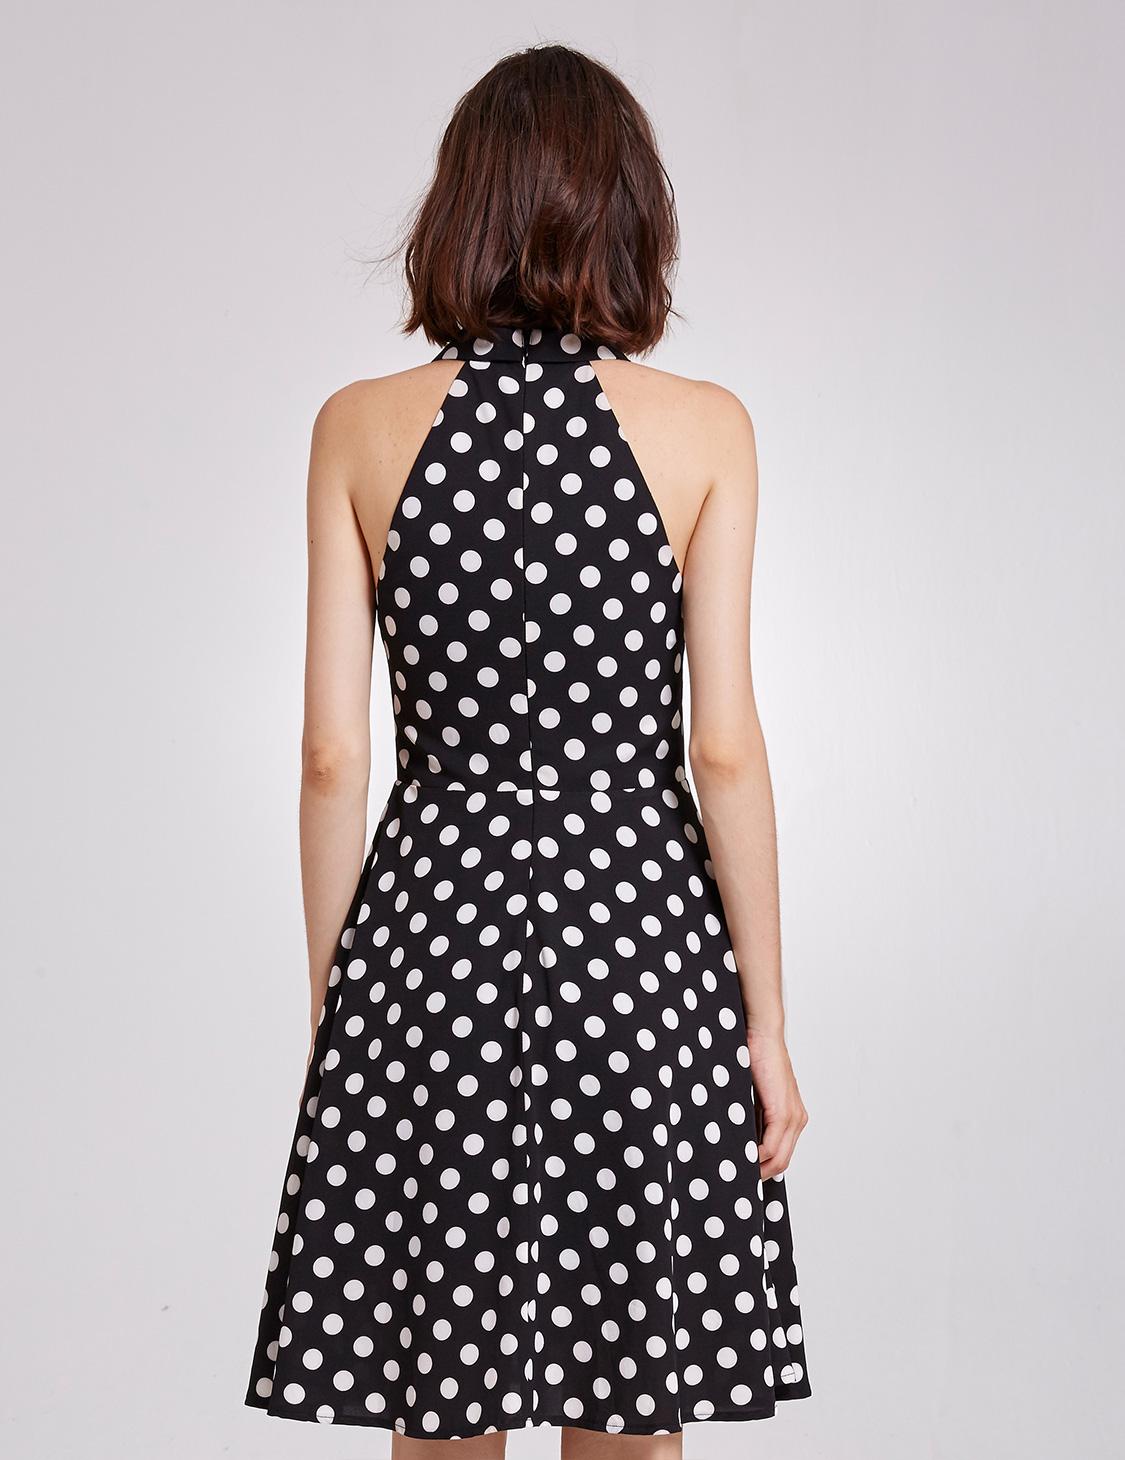 Short Polka Dot Party Dress Summer V-Neck Vintage Casual ...